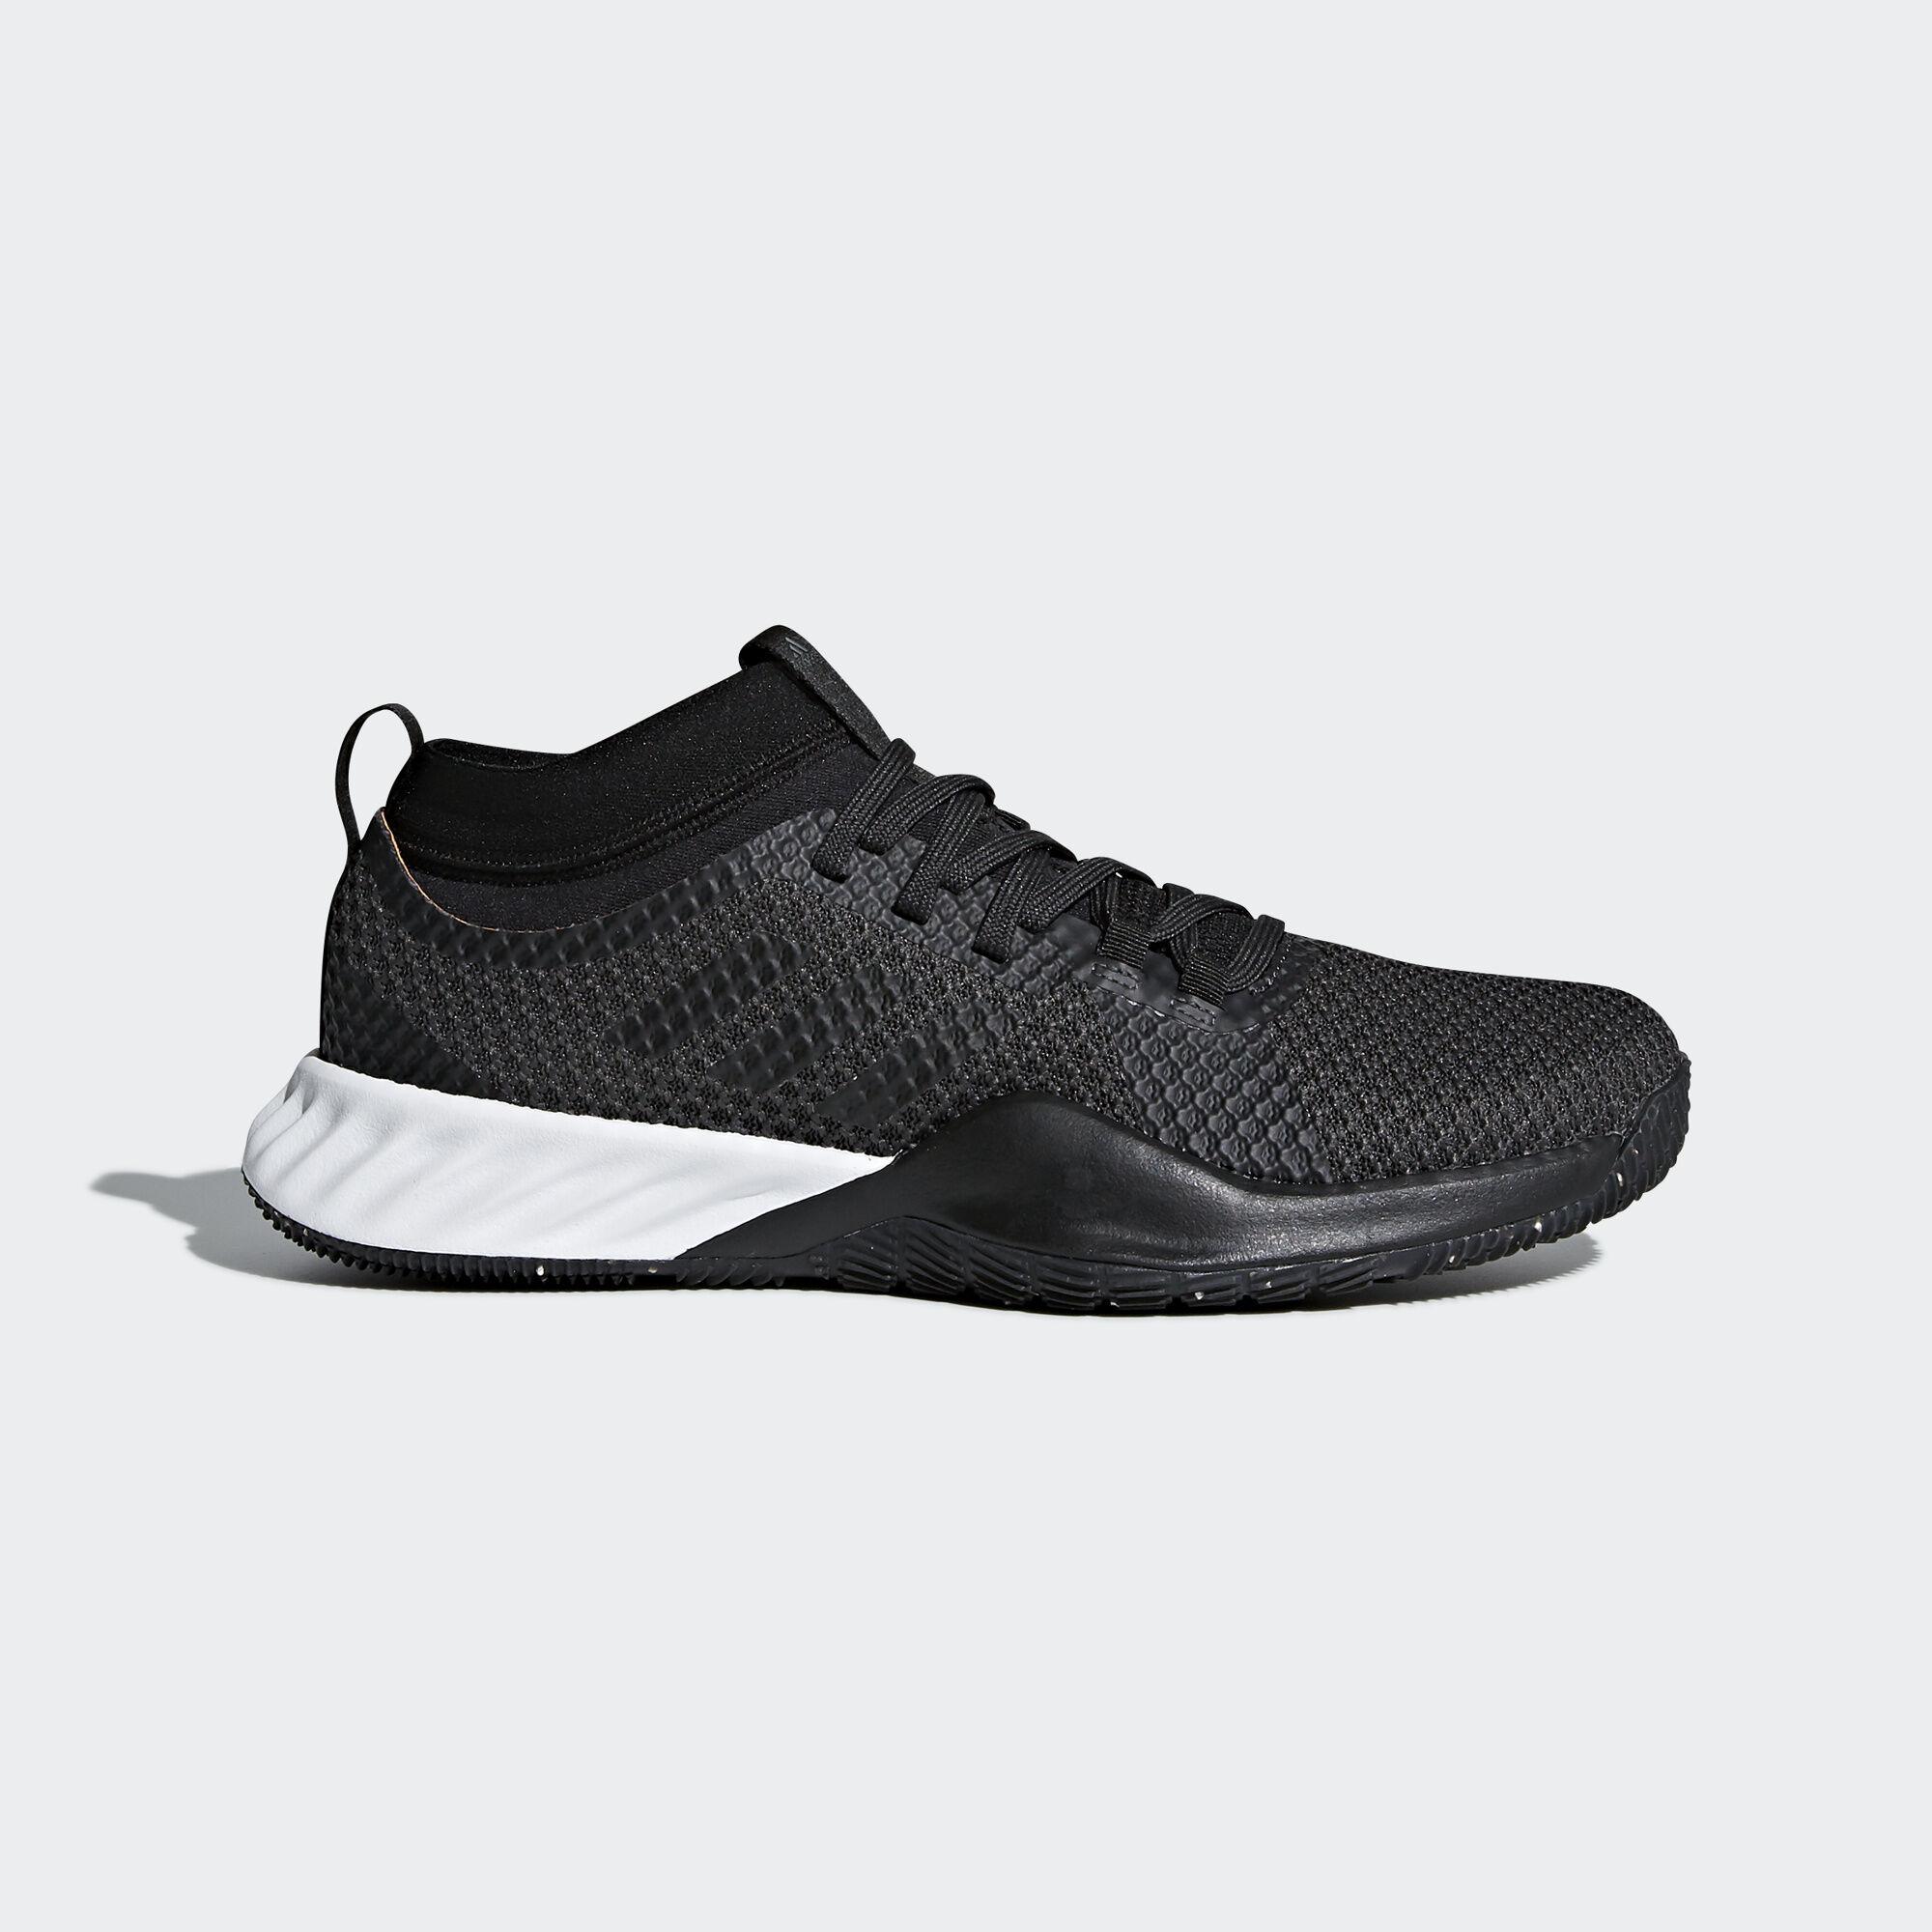 Adidas Zapatilla CrazyTrain Pro 3.0 Liquidación más barata Venta de descuento Venta El más barato Footlocker Finishline Oficial de Outlet roX8zp